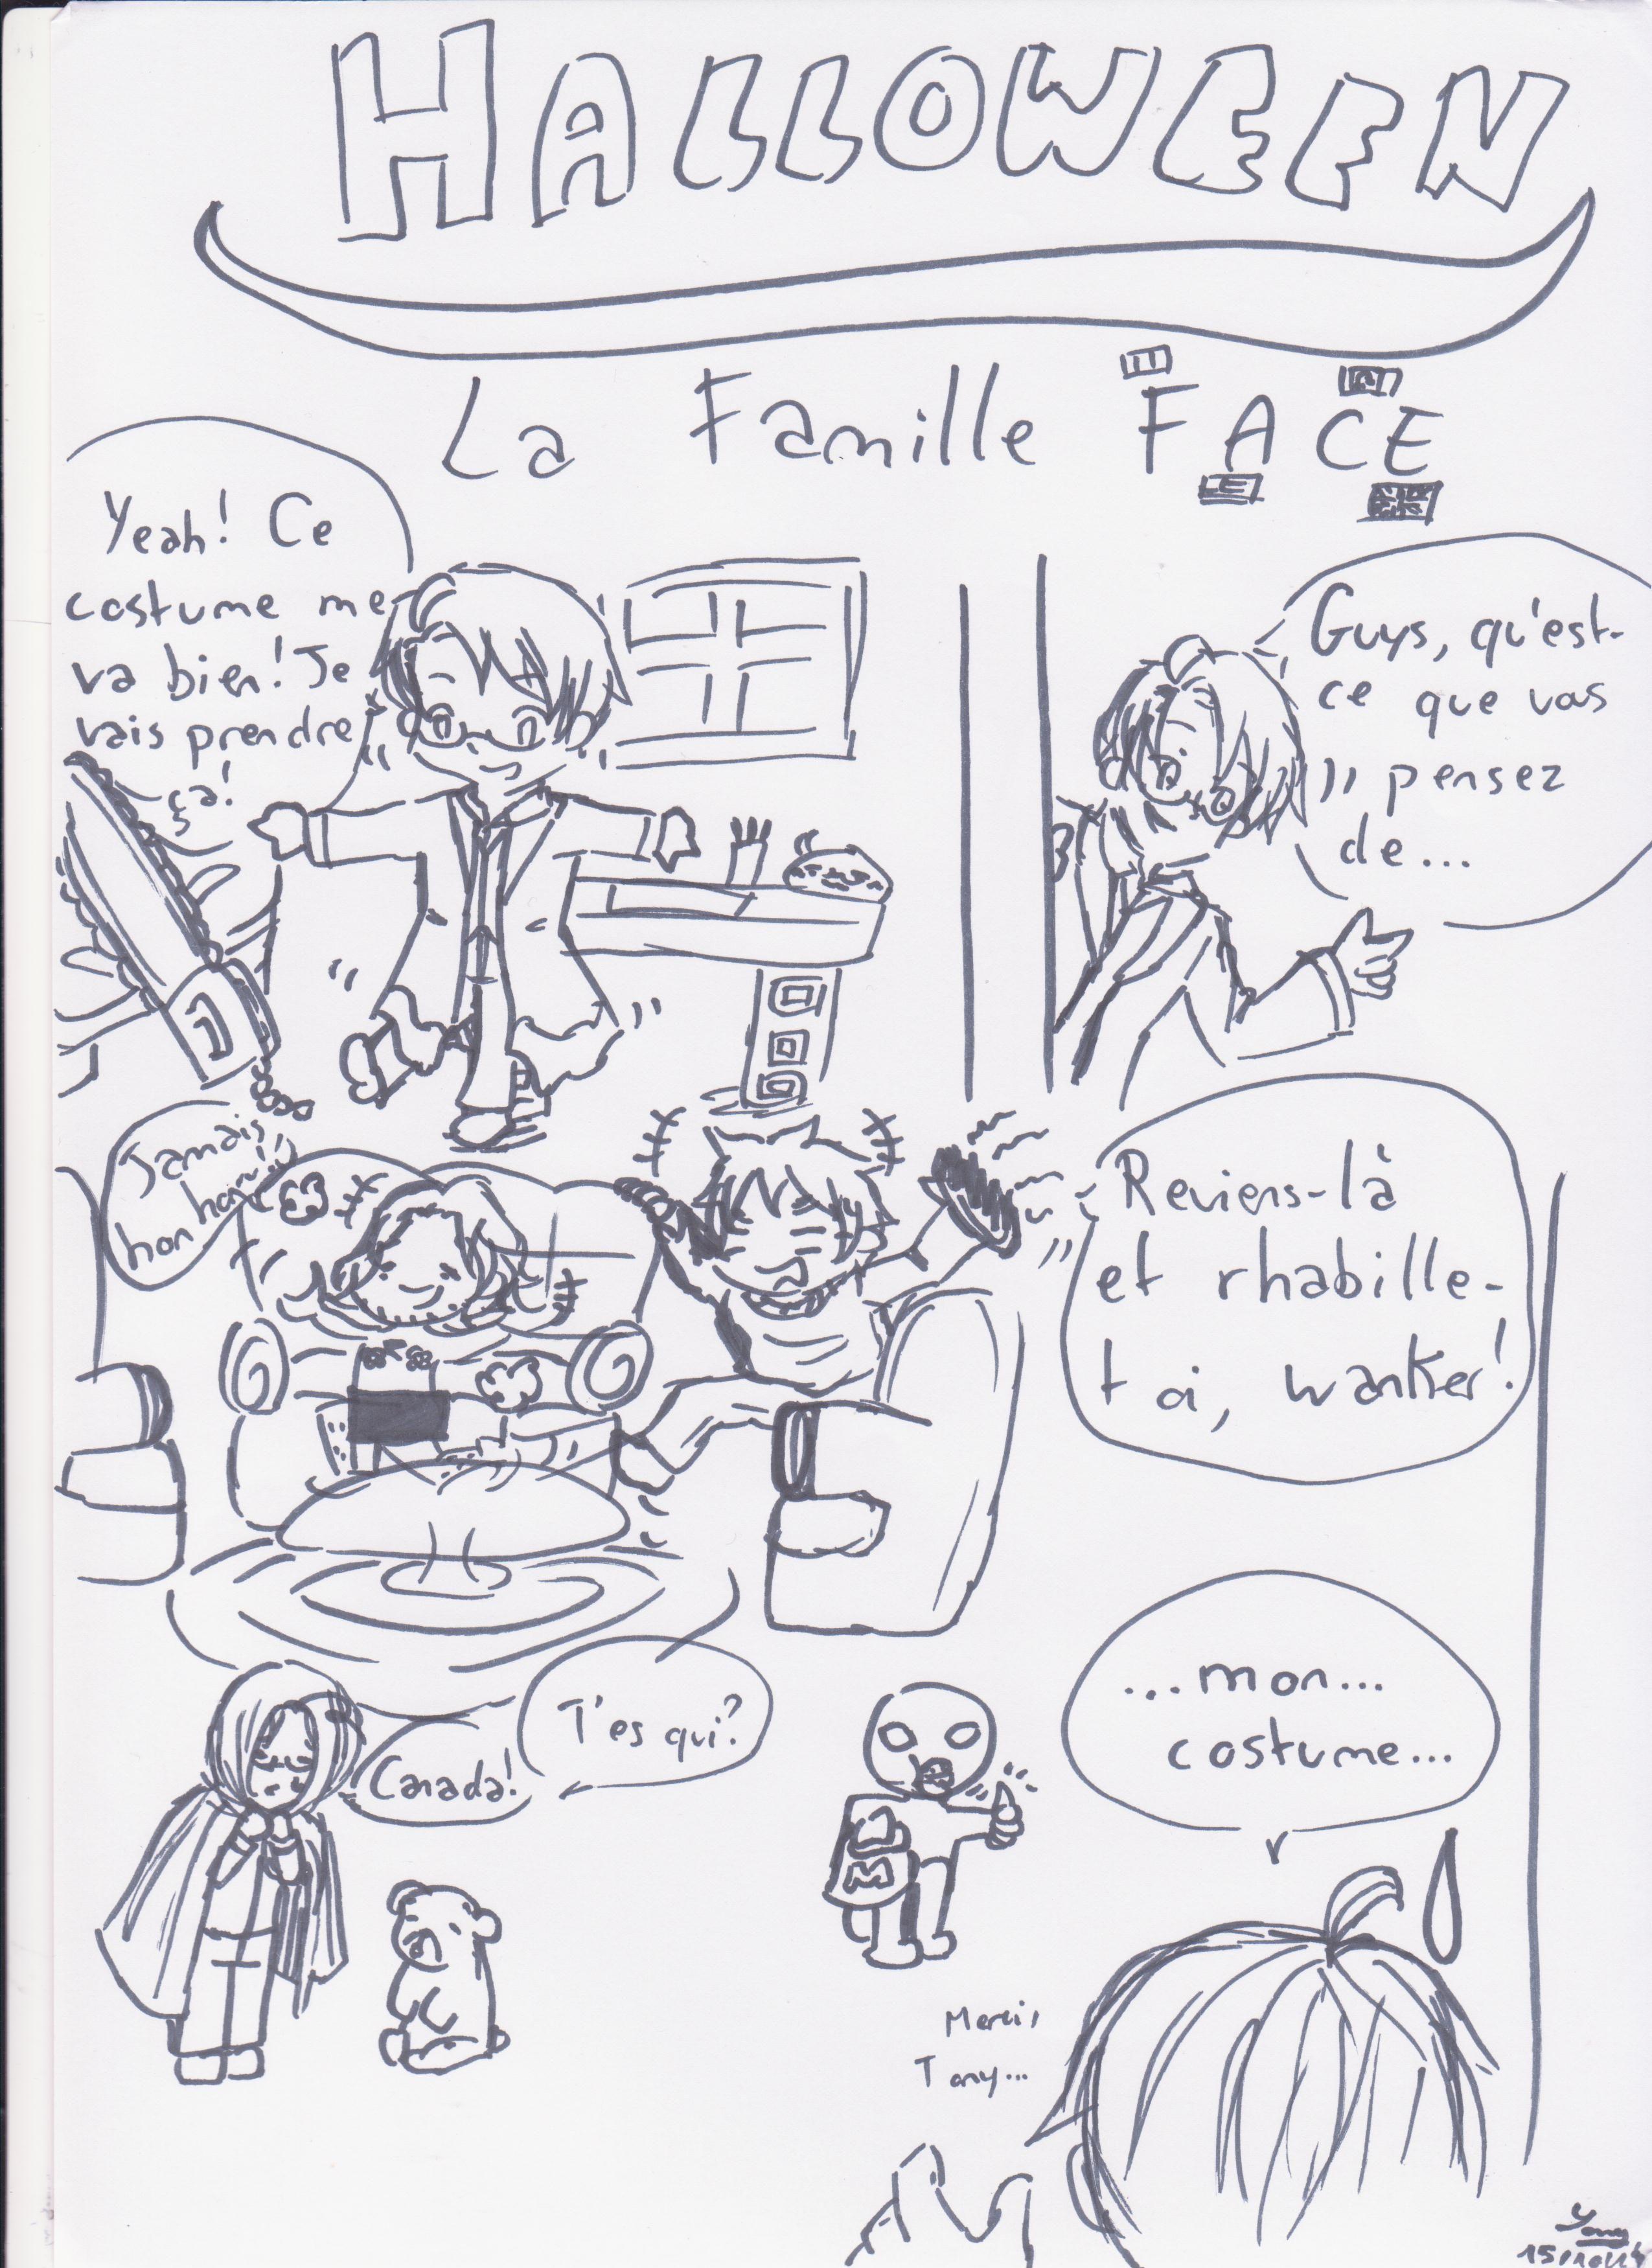 It is written in French, so ...